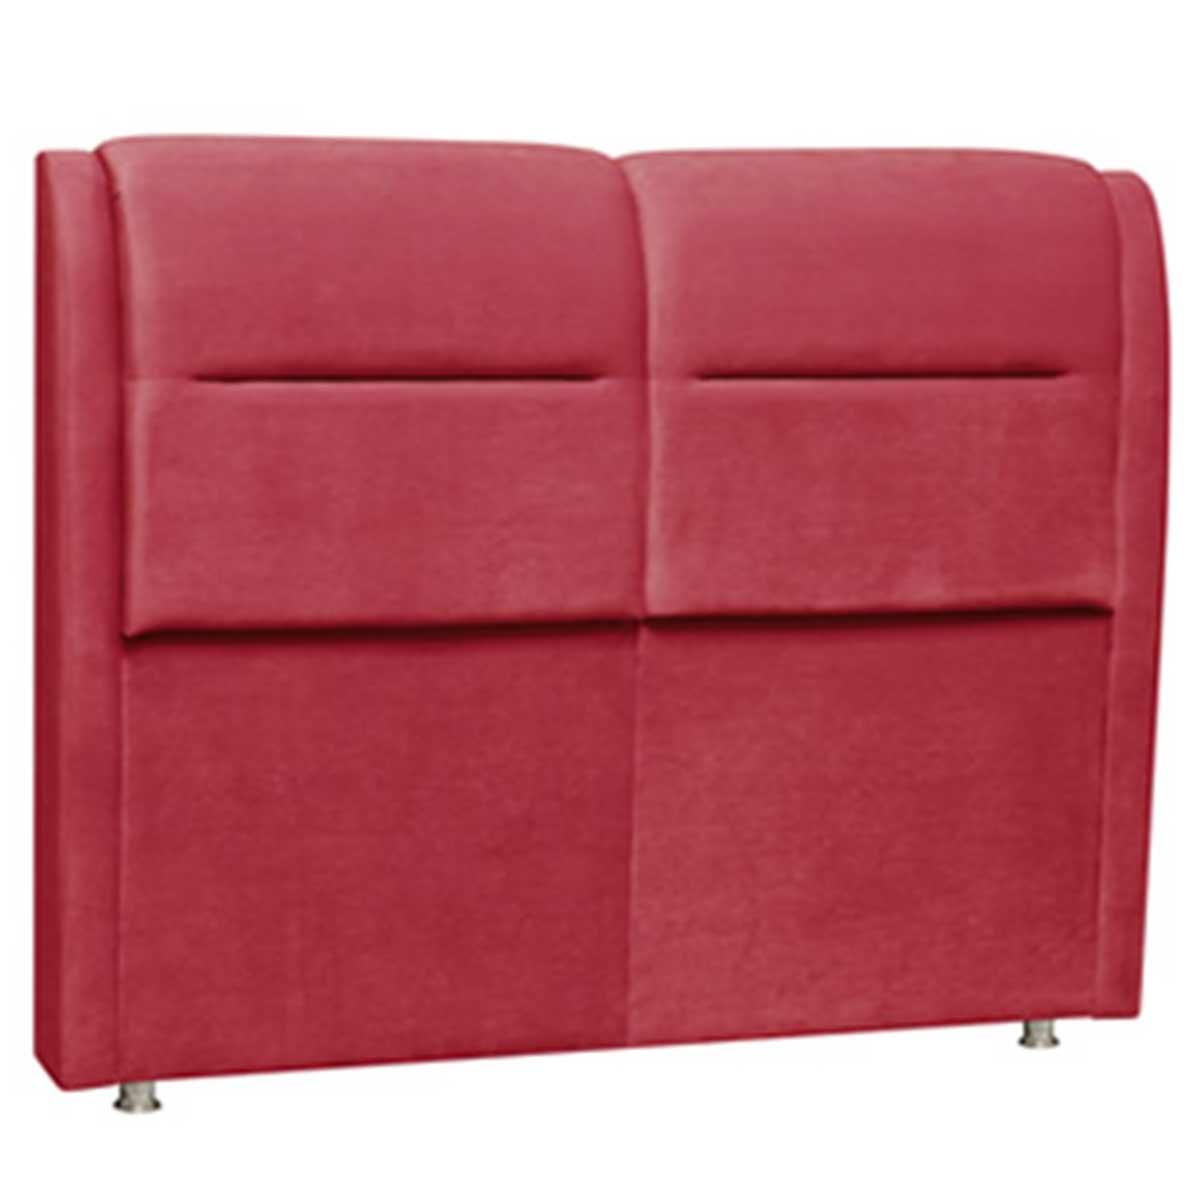 Cabeceira Verona Casal 140 cm Vermelho Perfan Móveis